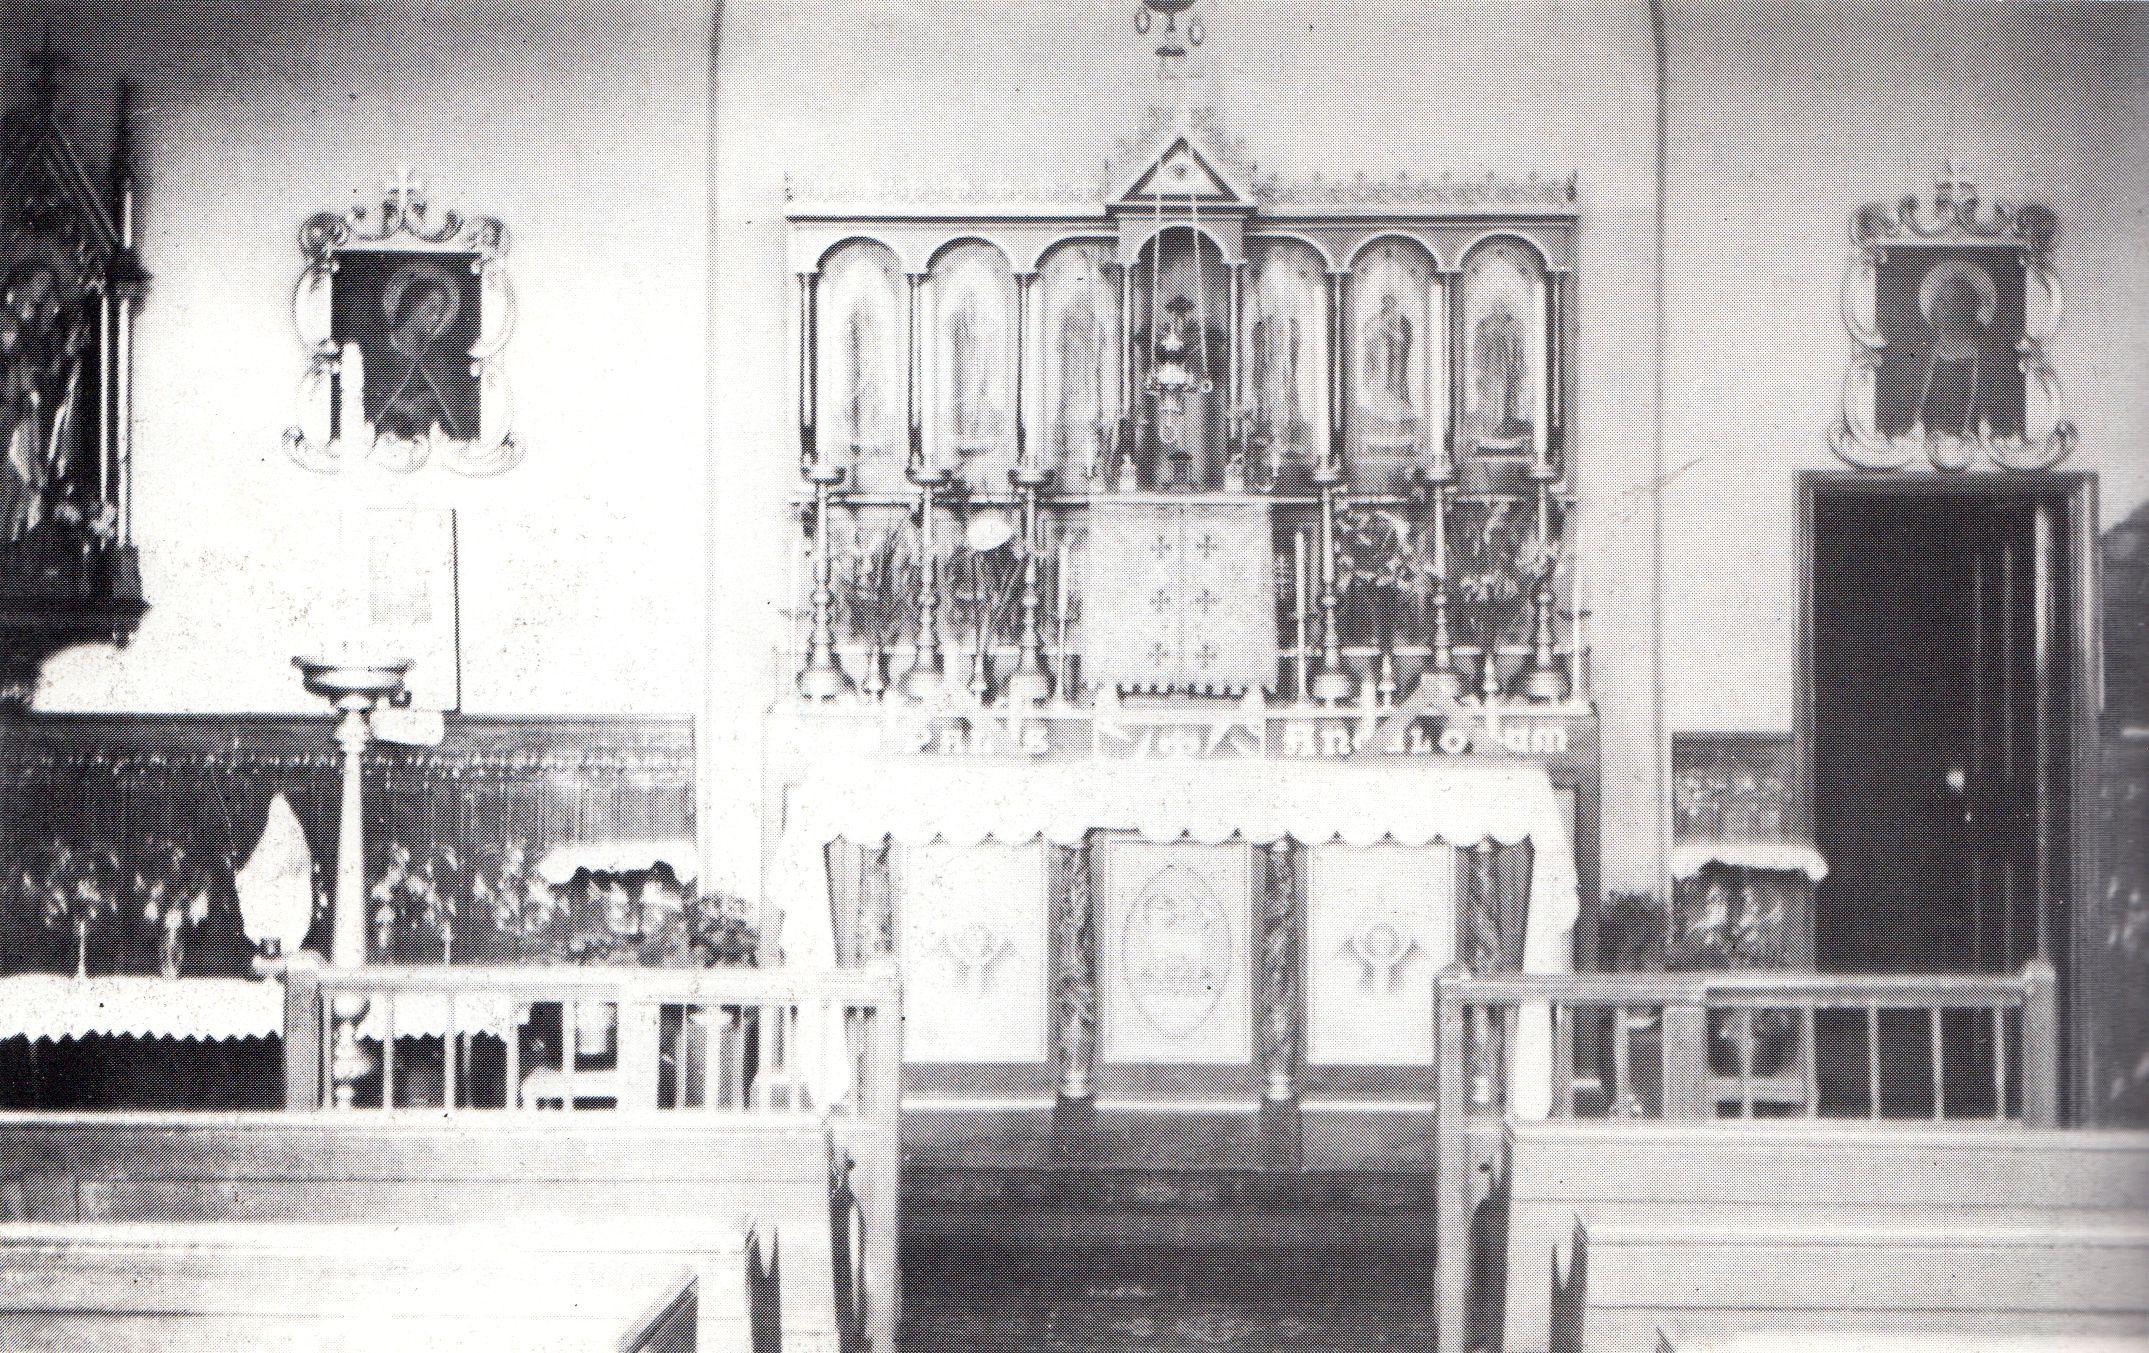 fpoh28_rc_church_interior_0002.jpg